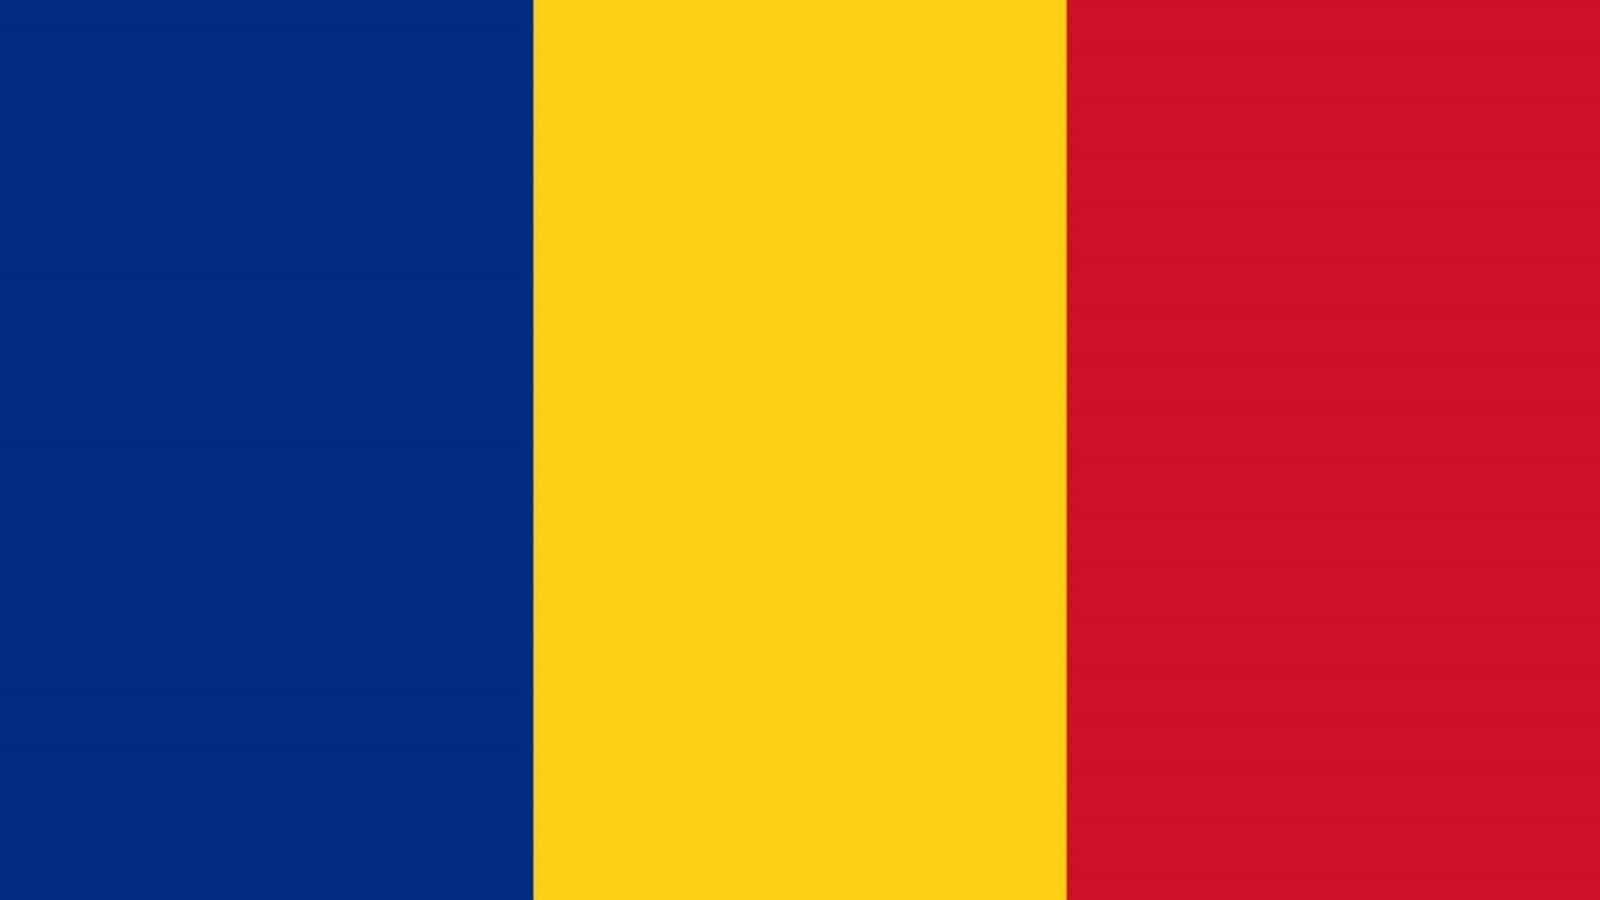 Guvernul Romaniei Guvernul Romaniei restrictii martierestrictii martie